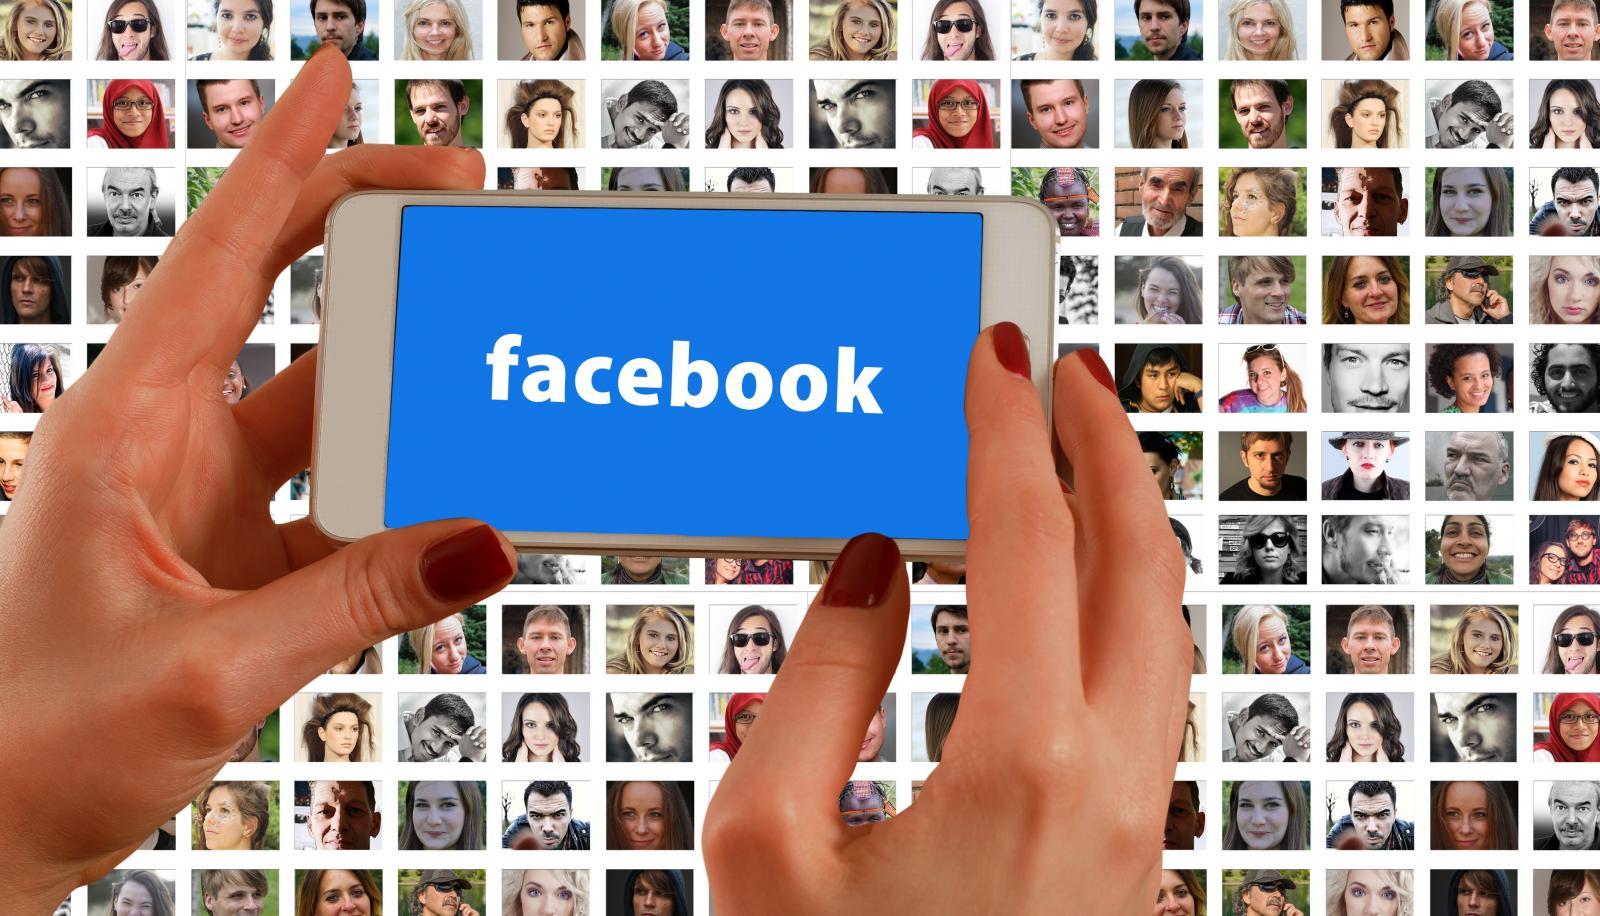 Ошибочка вышла: Facebook случайно обнародовал переписки 14 млн. пользователей